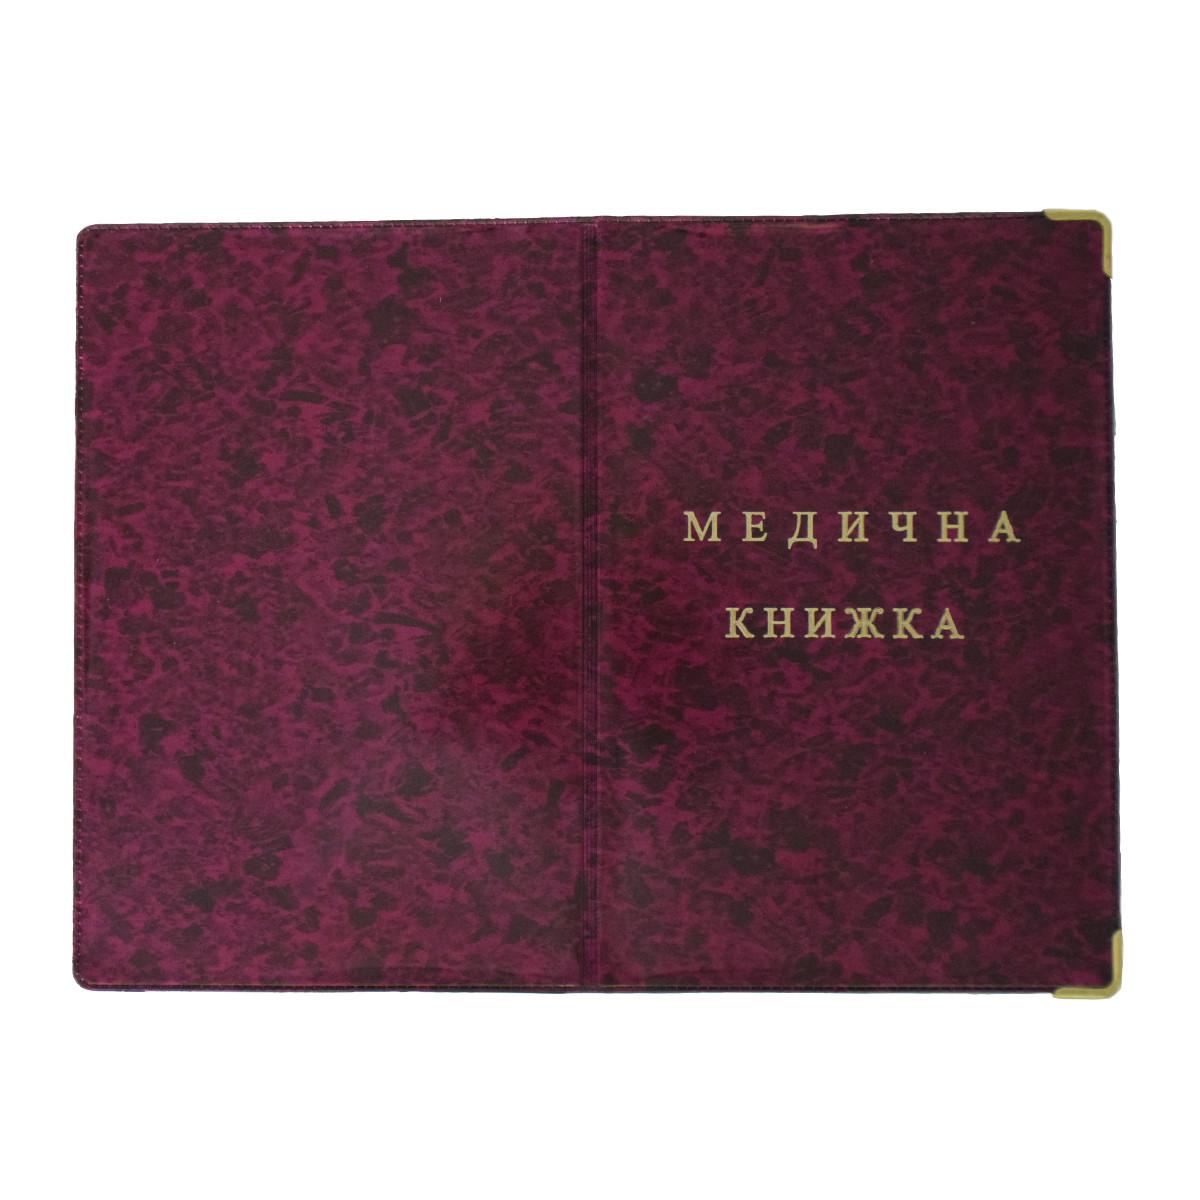 Медична книжка (обкладинка) (1)